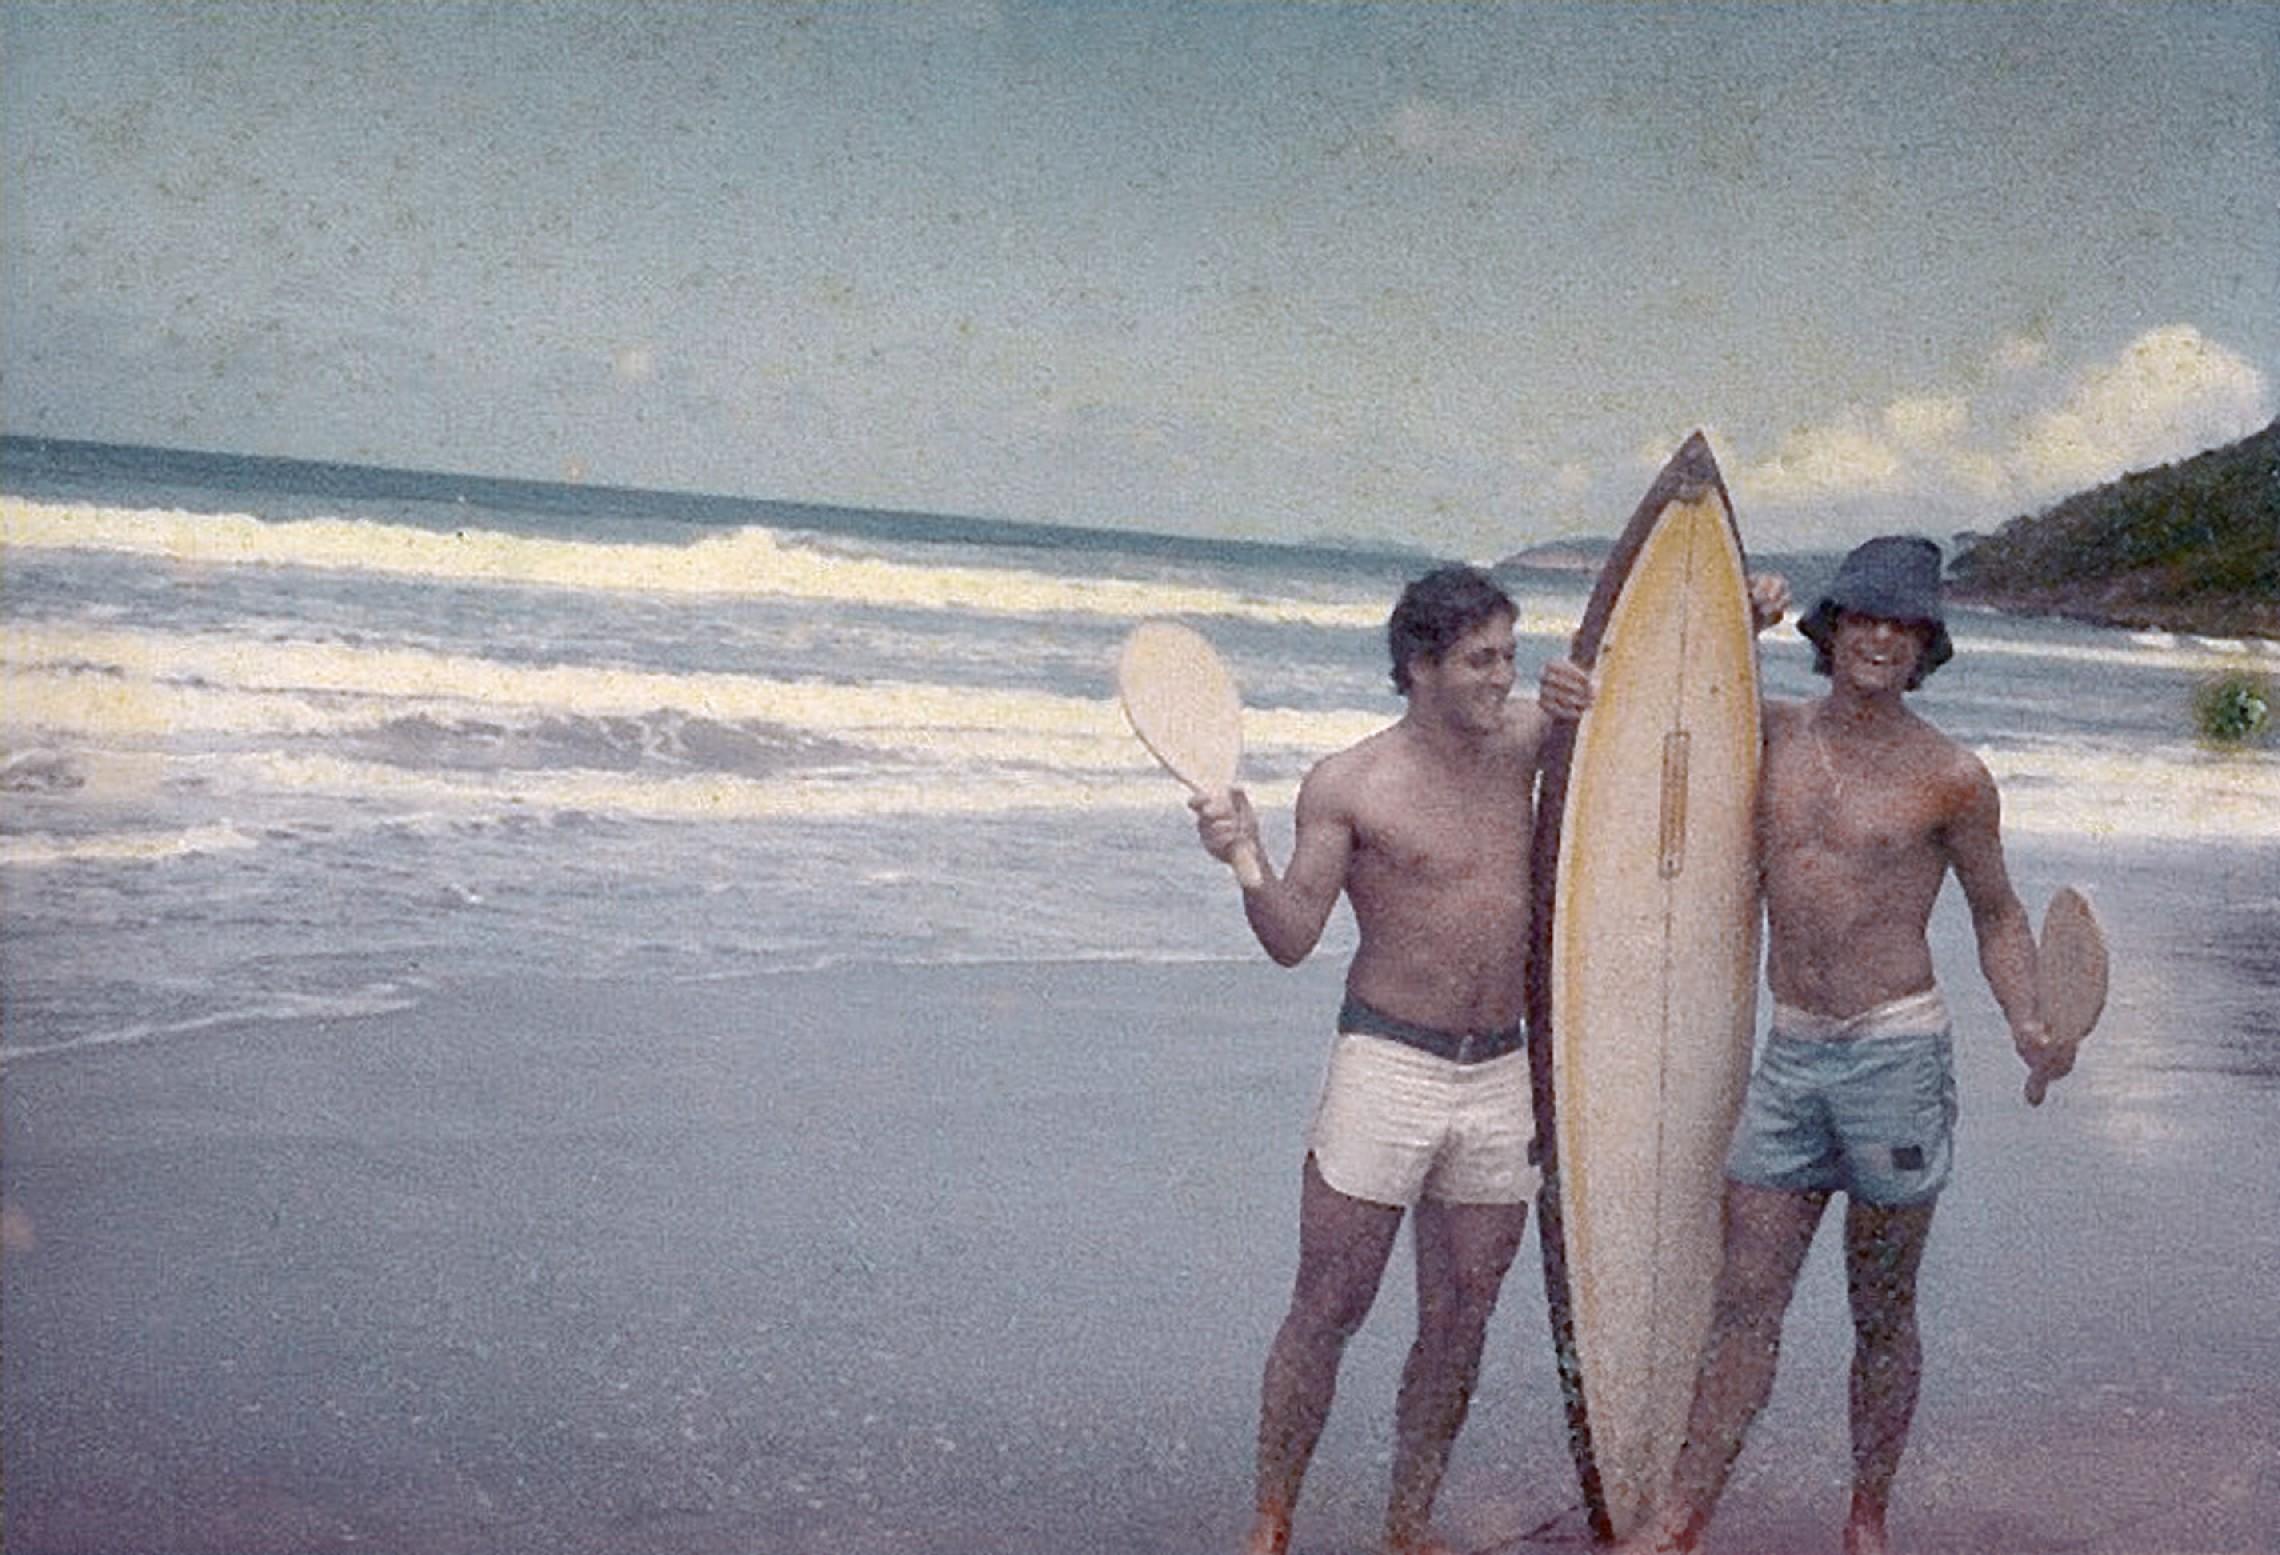 em Itamambuca em 1977 com o amigo de adolescência Marcio Colonesi